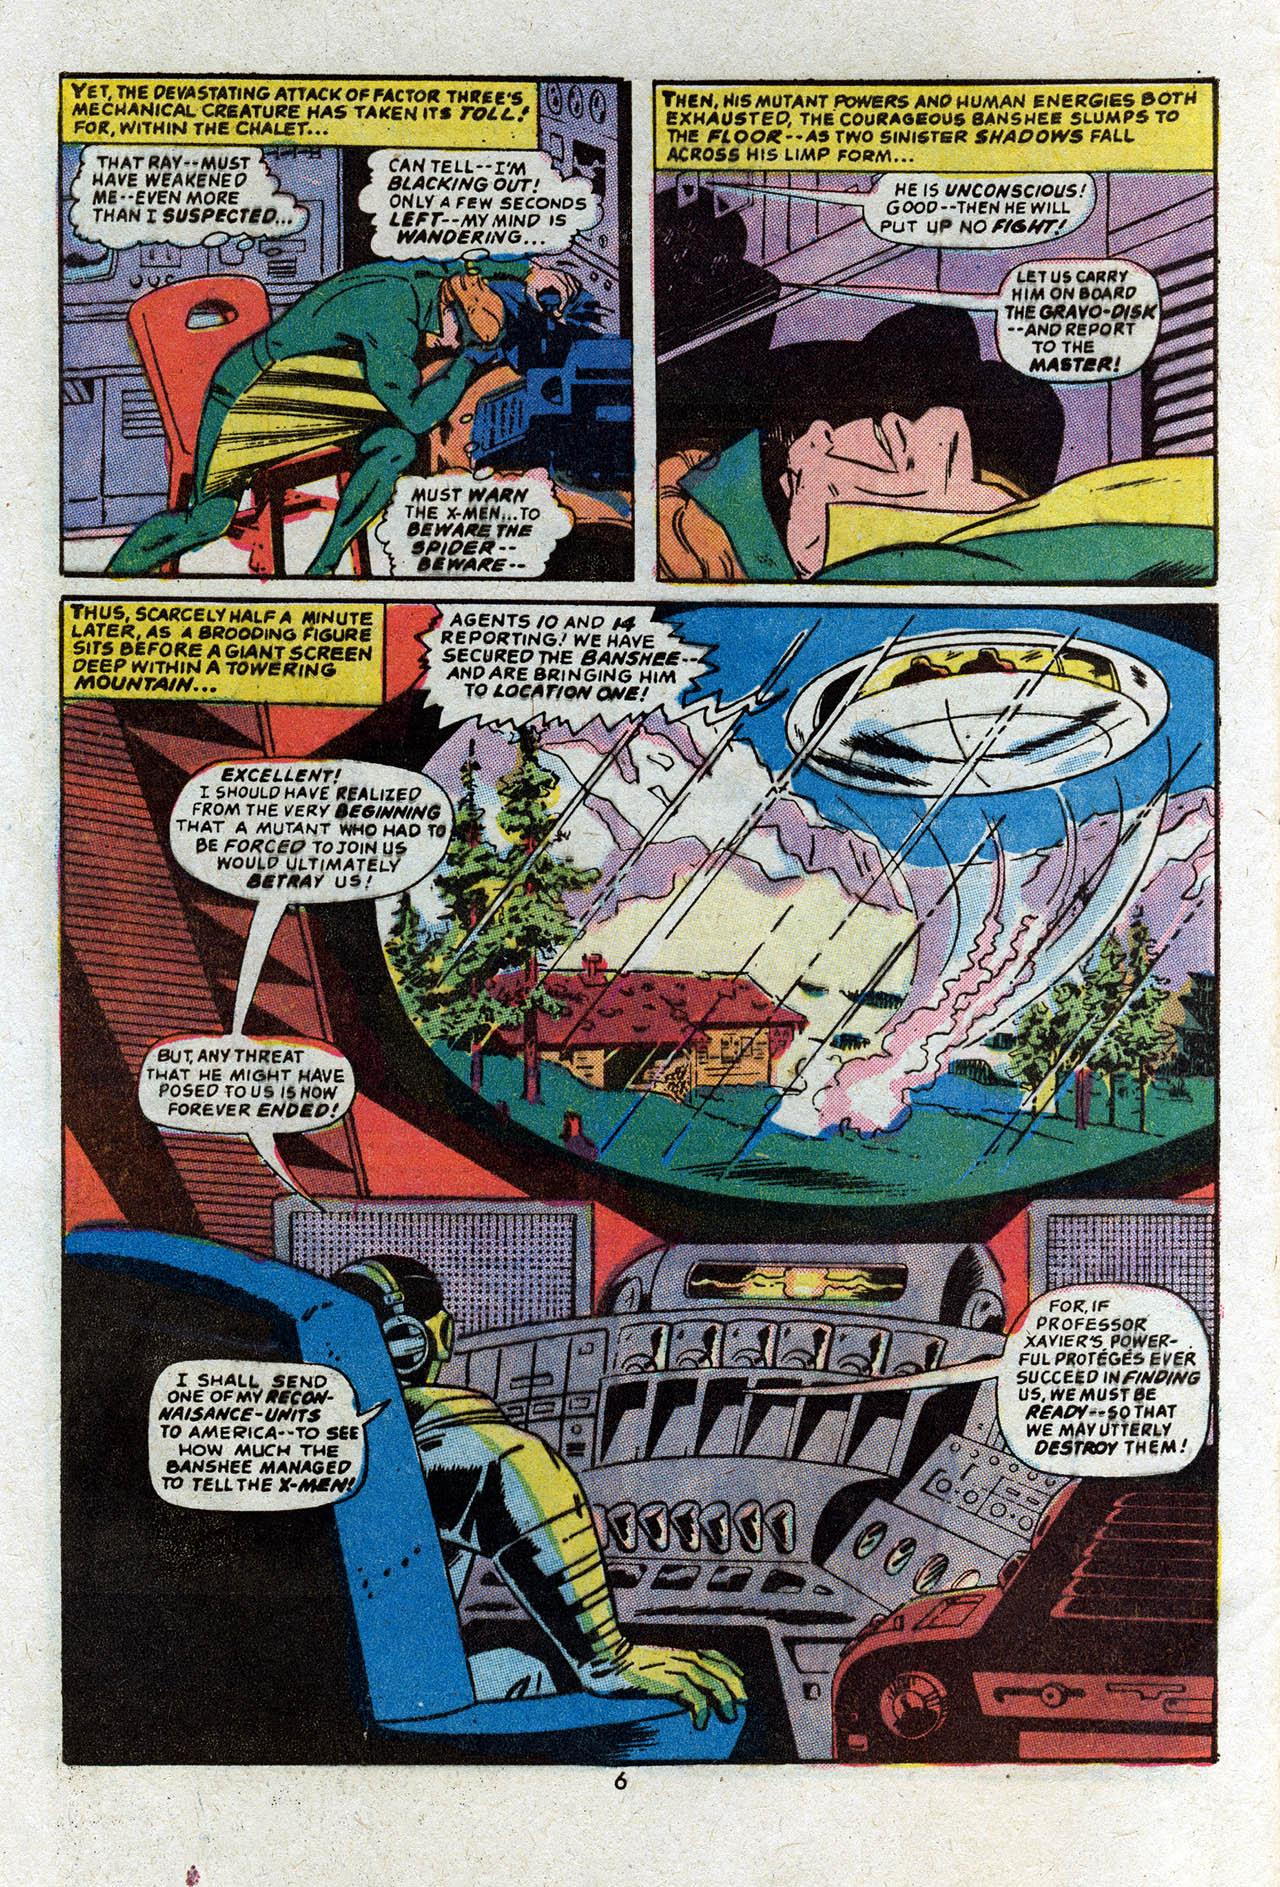 Read online Uncanny X-Men (1963) comic -  Issue #83 - 8